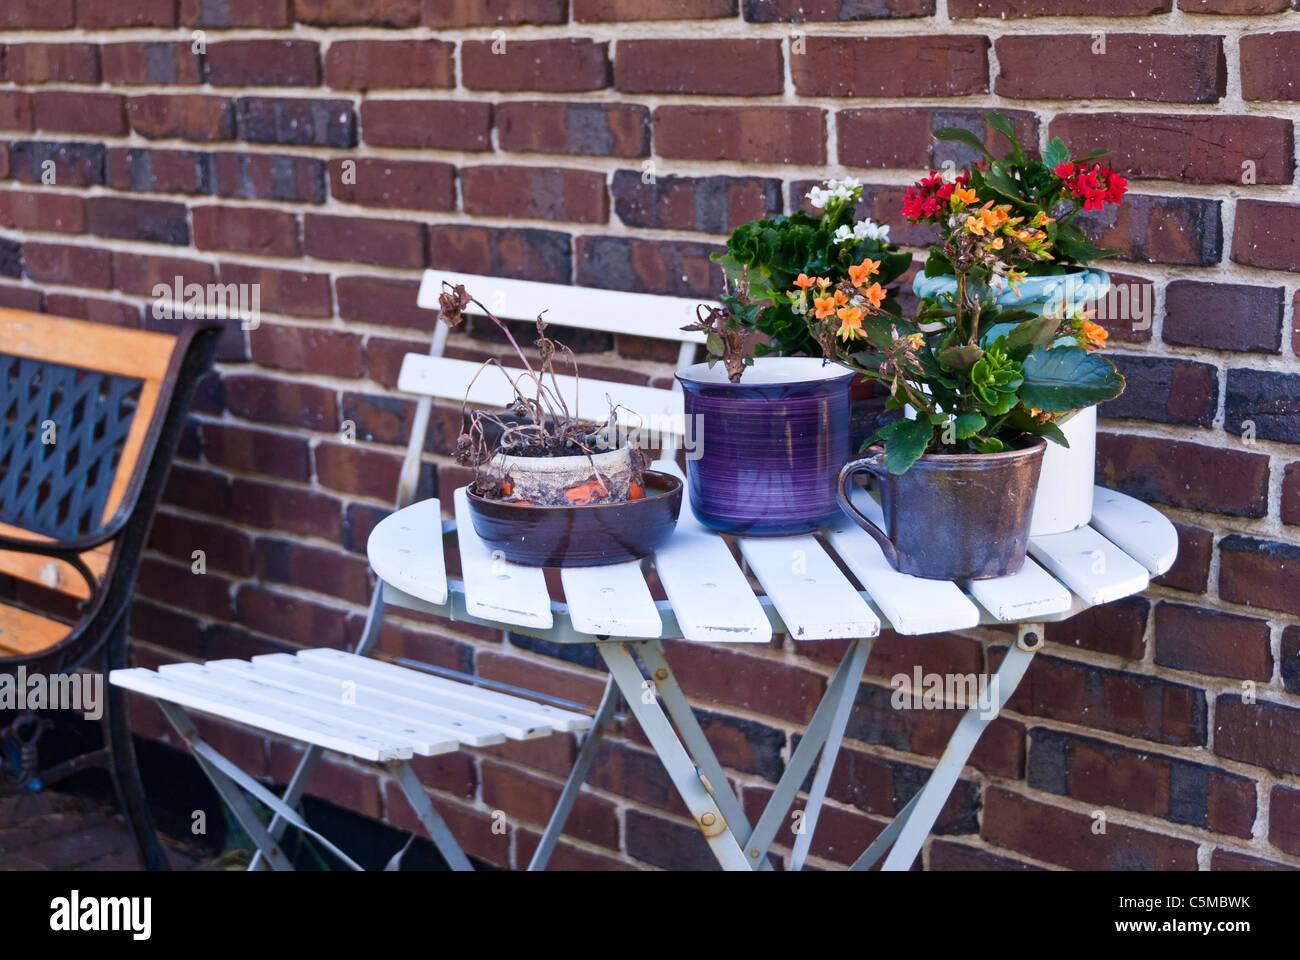 Tavoli Da Giardino Decorati.Tavolo Da Giardino Decorato Con Piante Varie Foto Immagine Stock